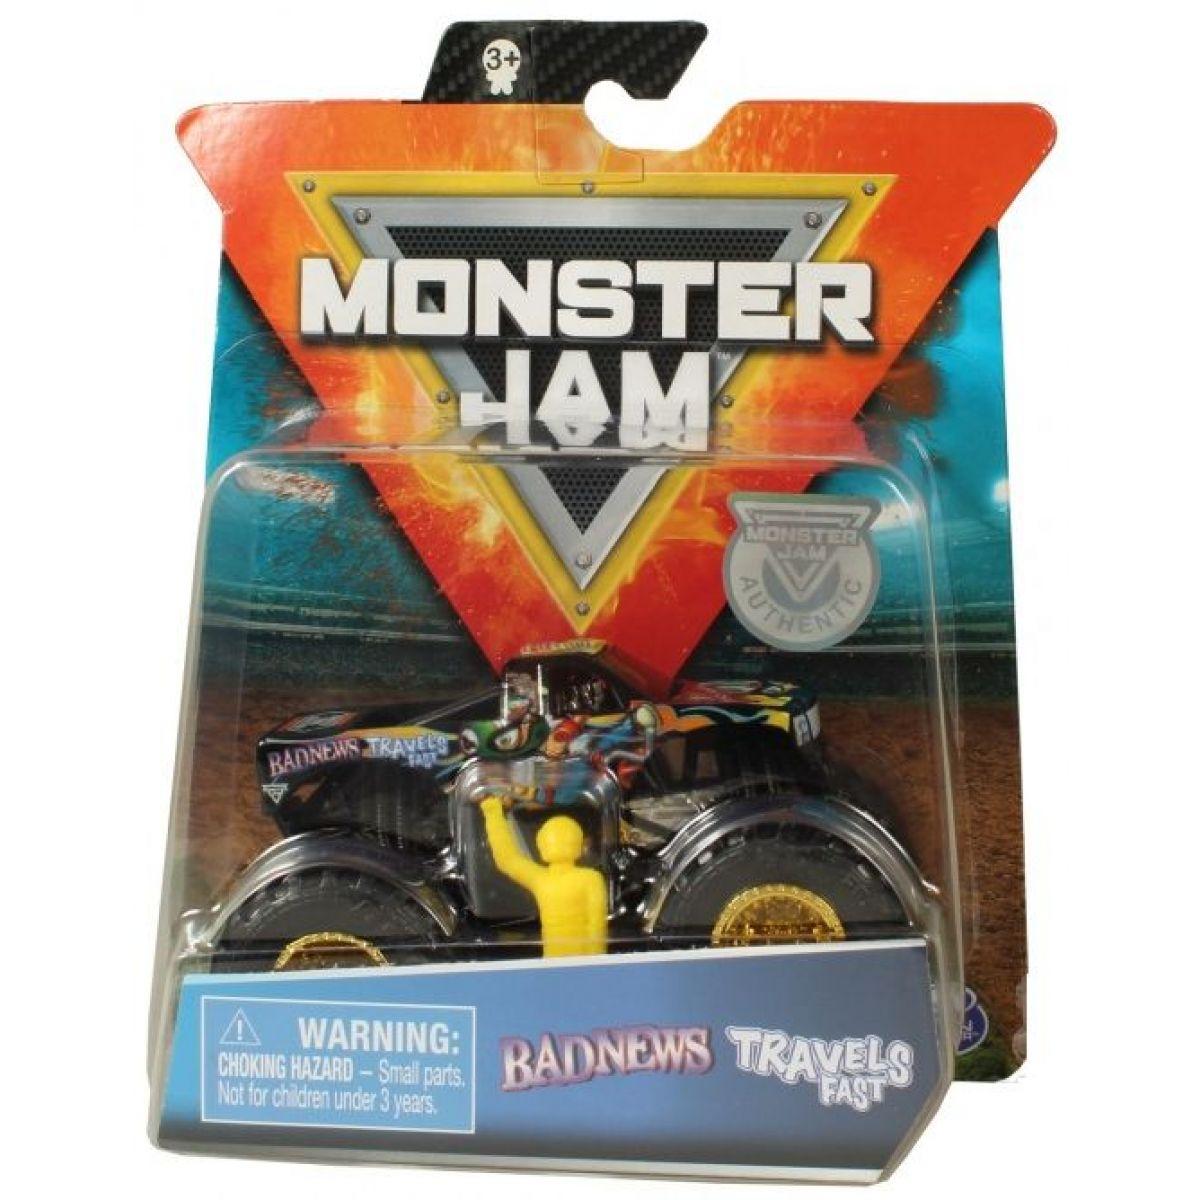 Monster Jam Zberateľská Die-Cast autá 1:64 Badnews Travels Fast